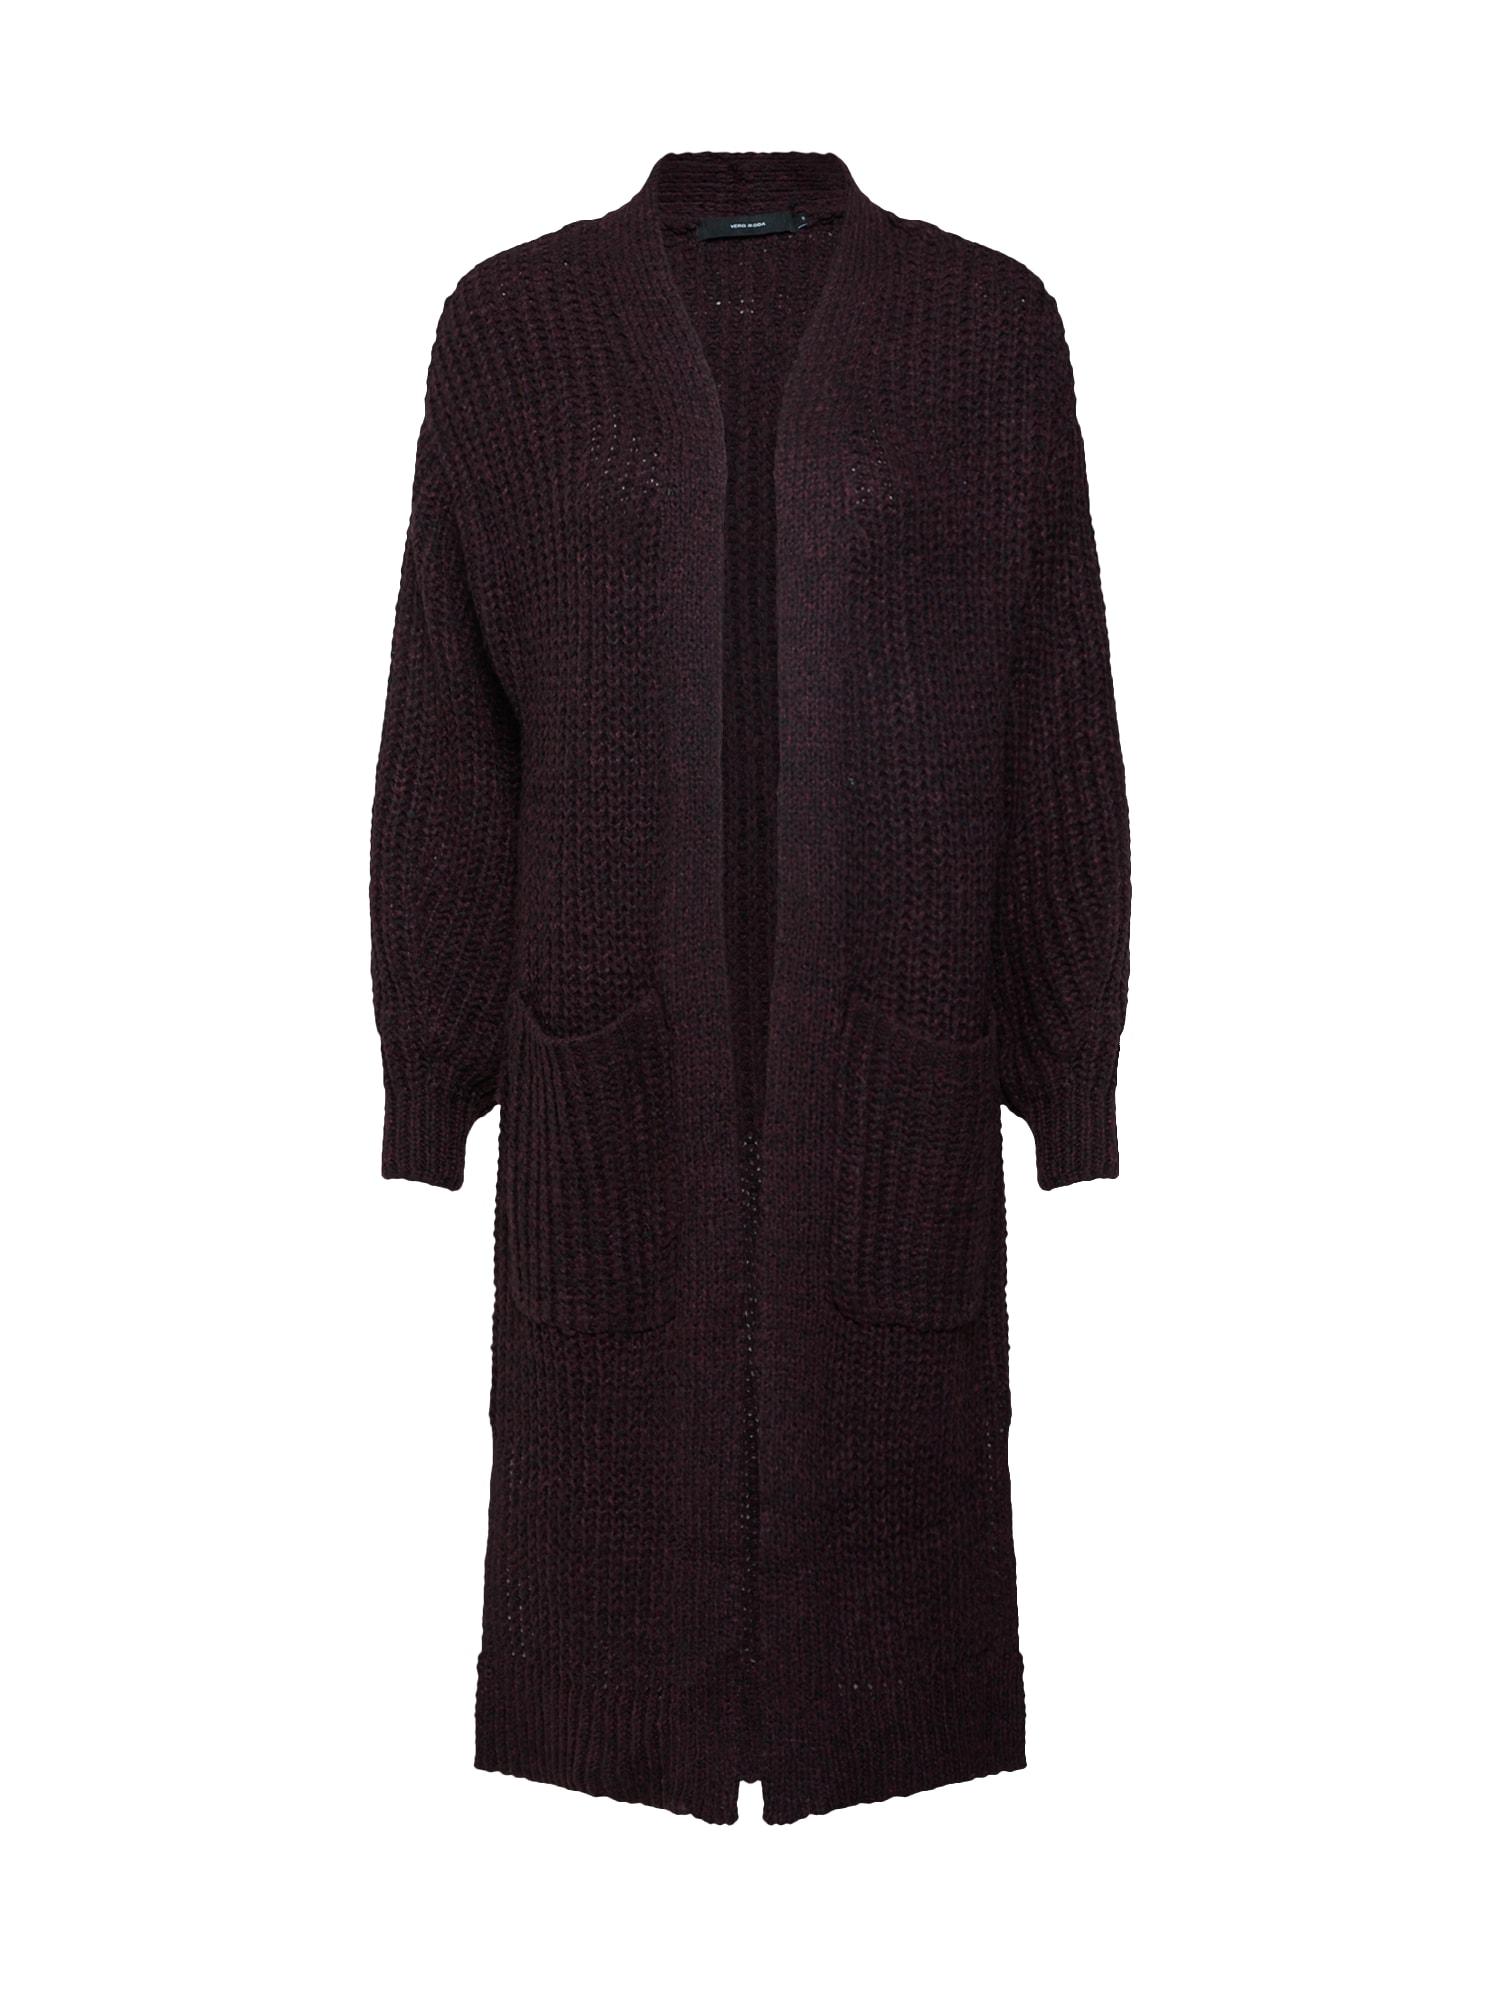 Pletený kabátek LICA vínově červená černá VERO MODA